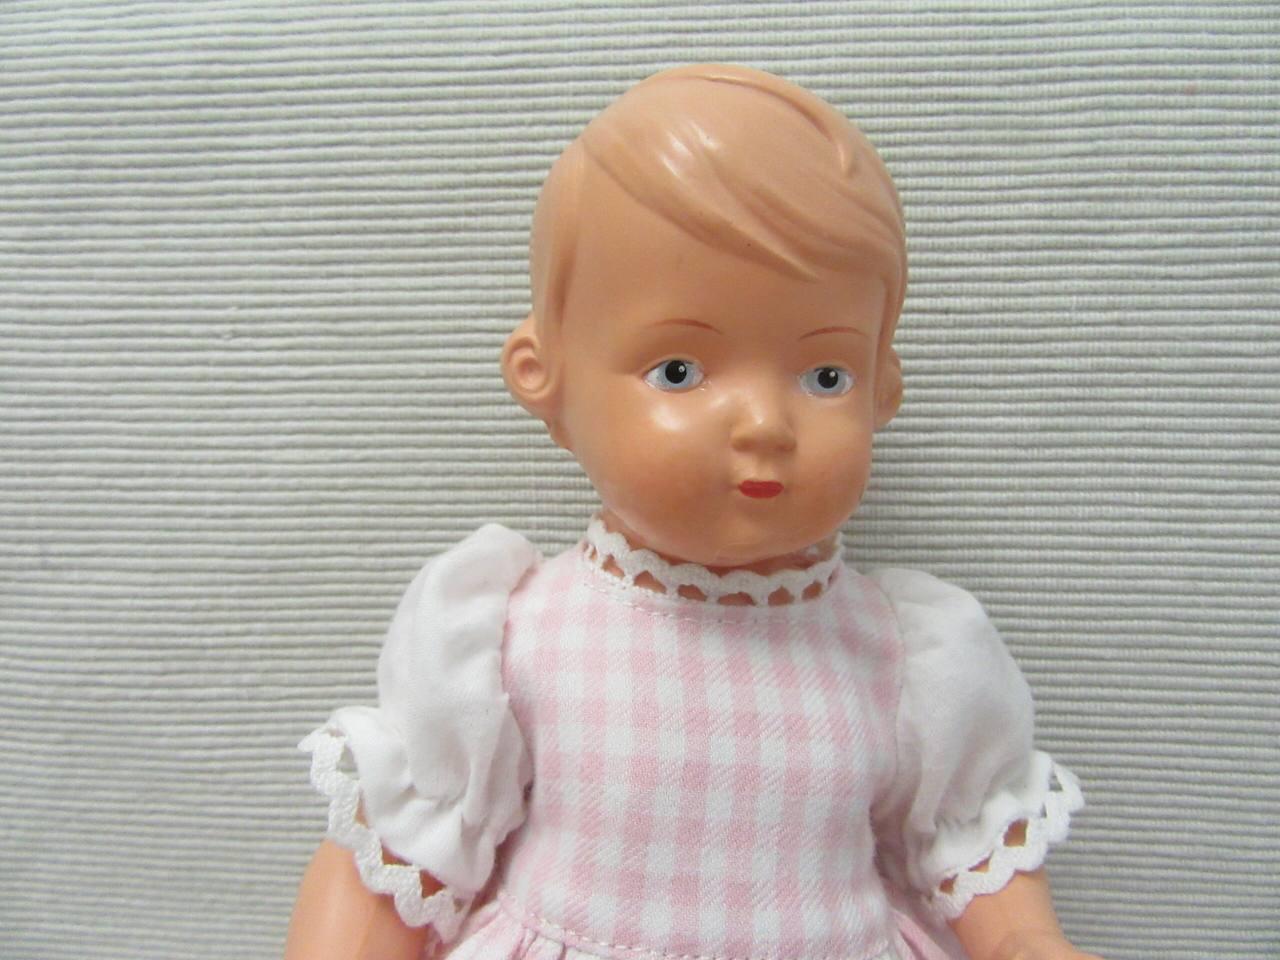 Мастерская Мимидол.  Ручной пошив винтажной одежды для кукол и ремонт кукол. Блог Красновой Натальи. IMG_2859-scaled